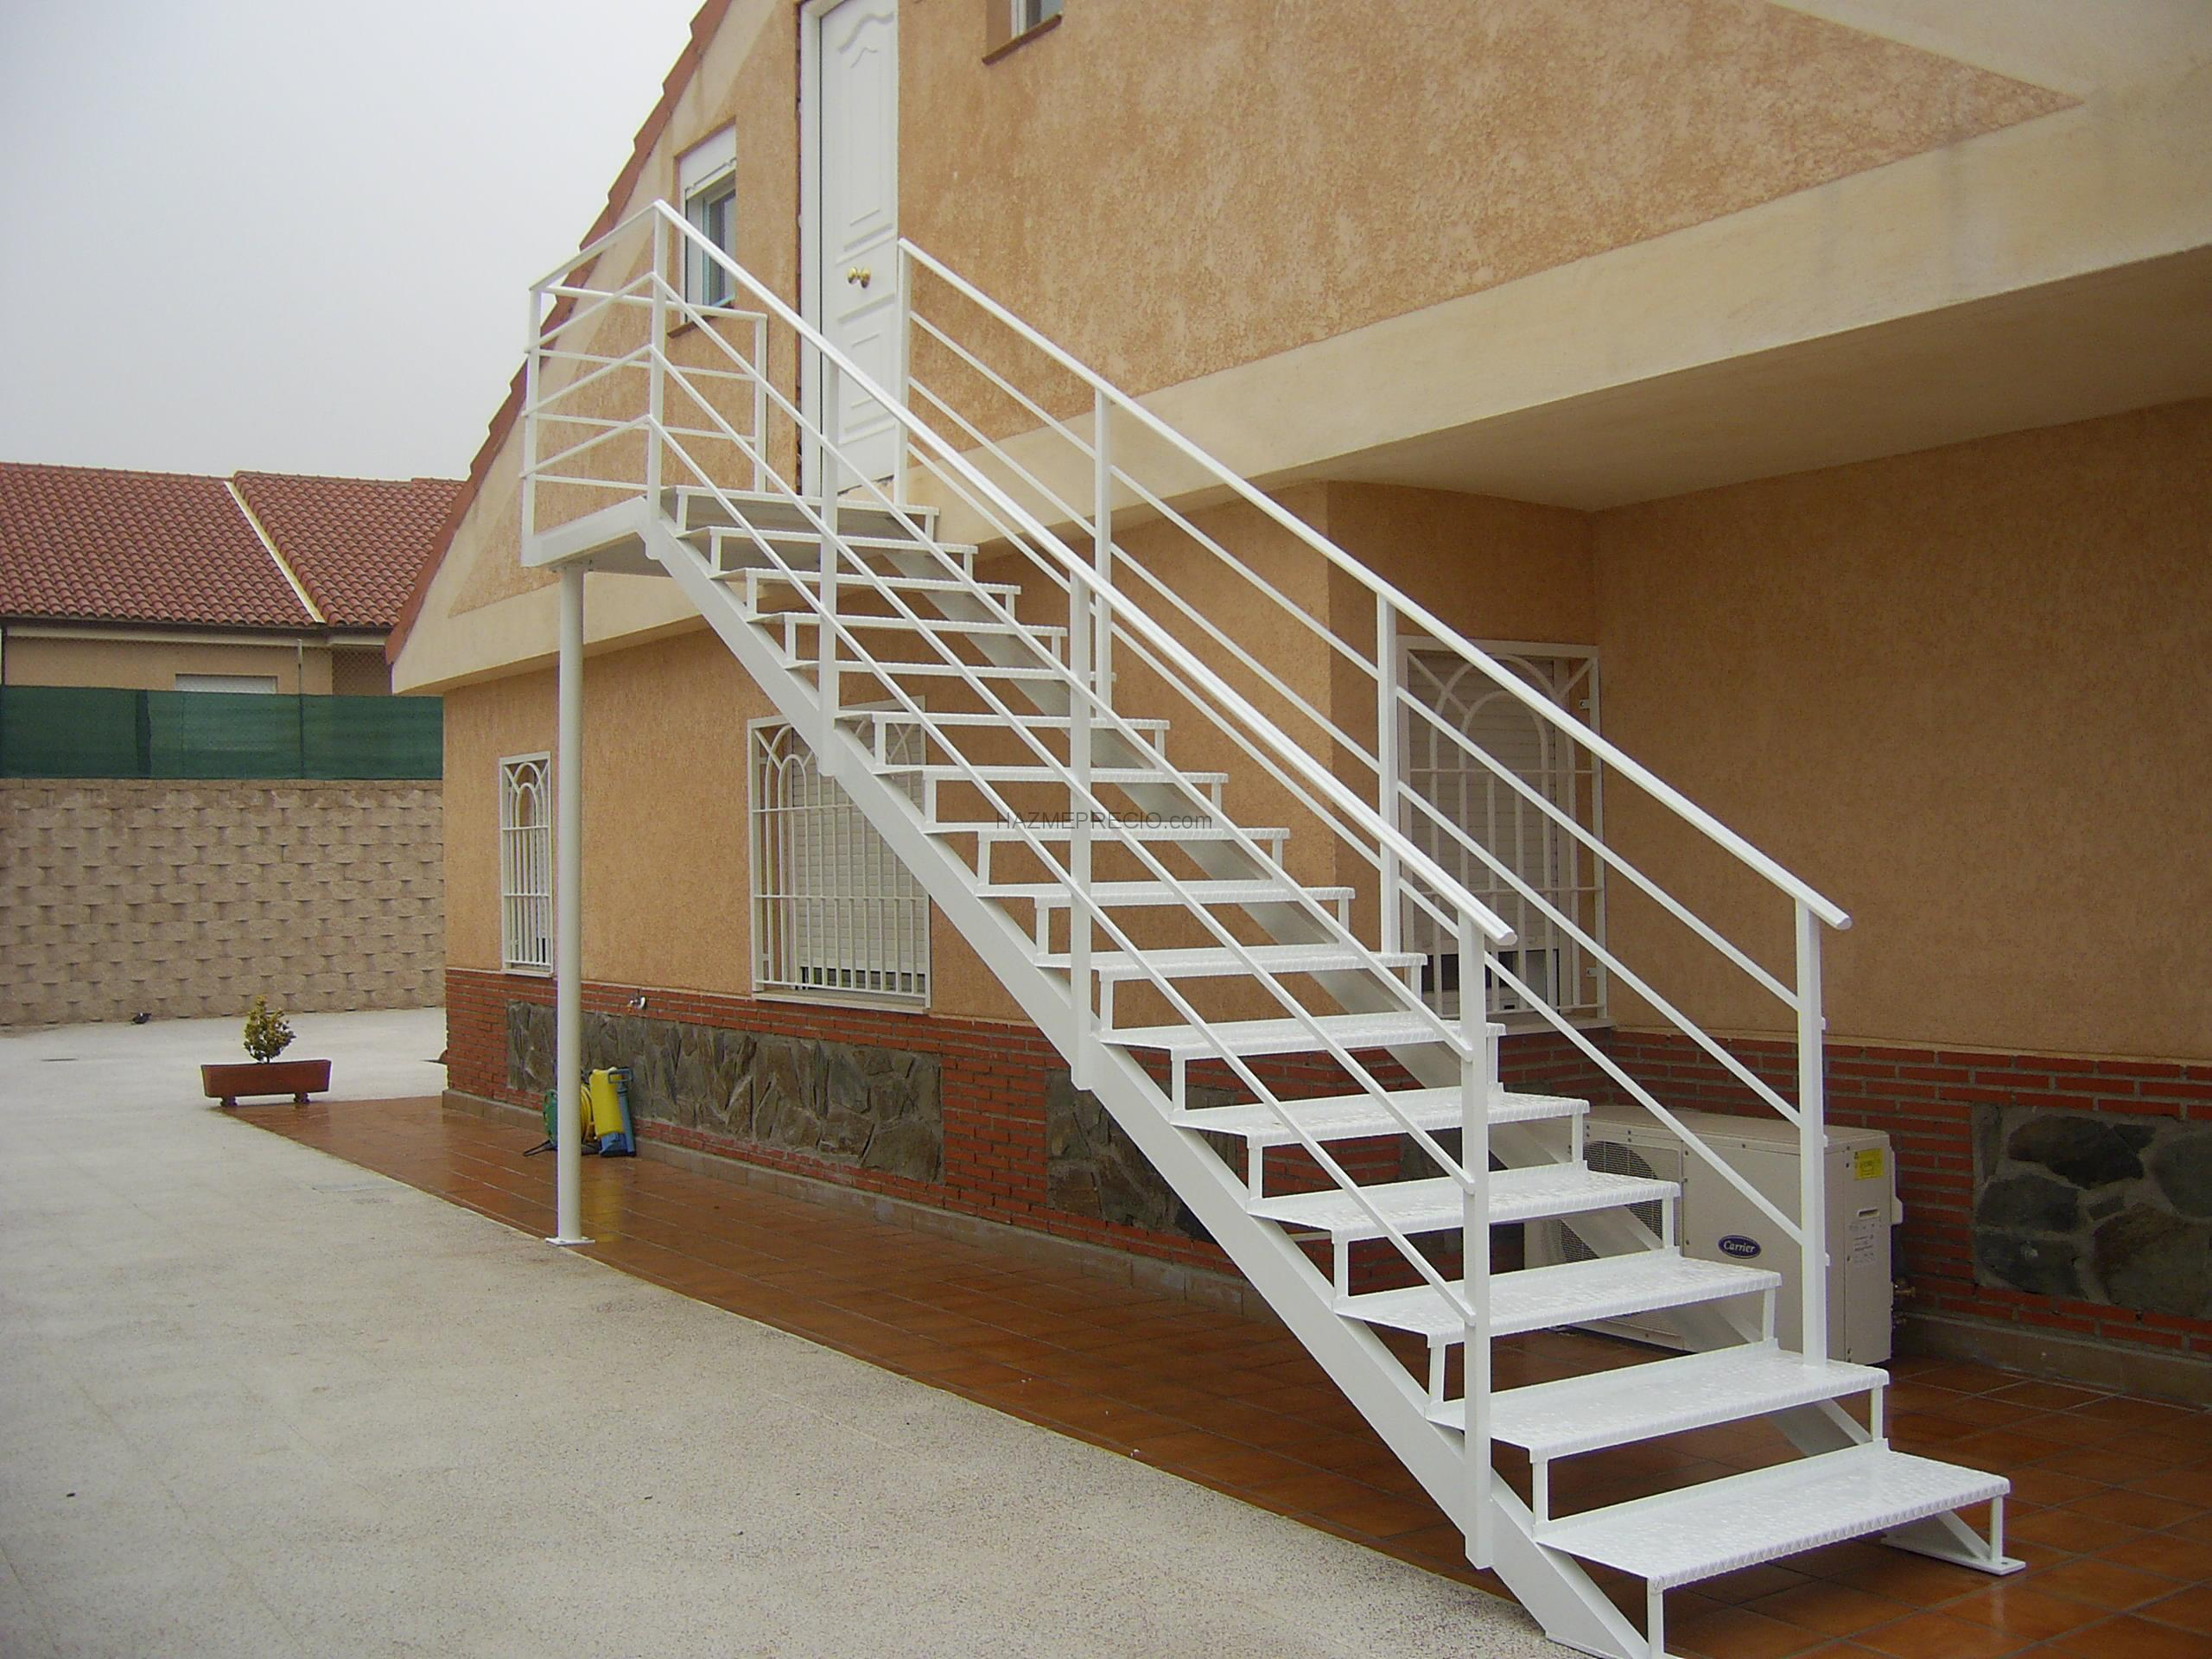 Empresas de cerramientos metalicos en madrid - Escaleras para exterior ...